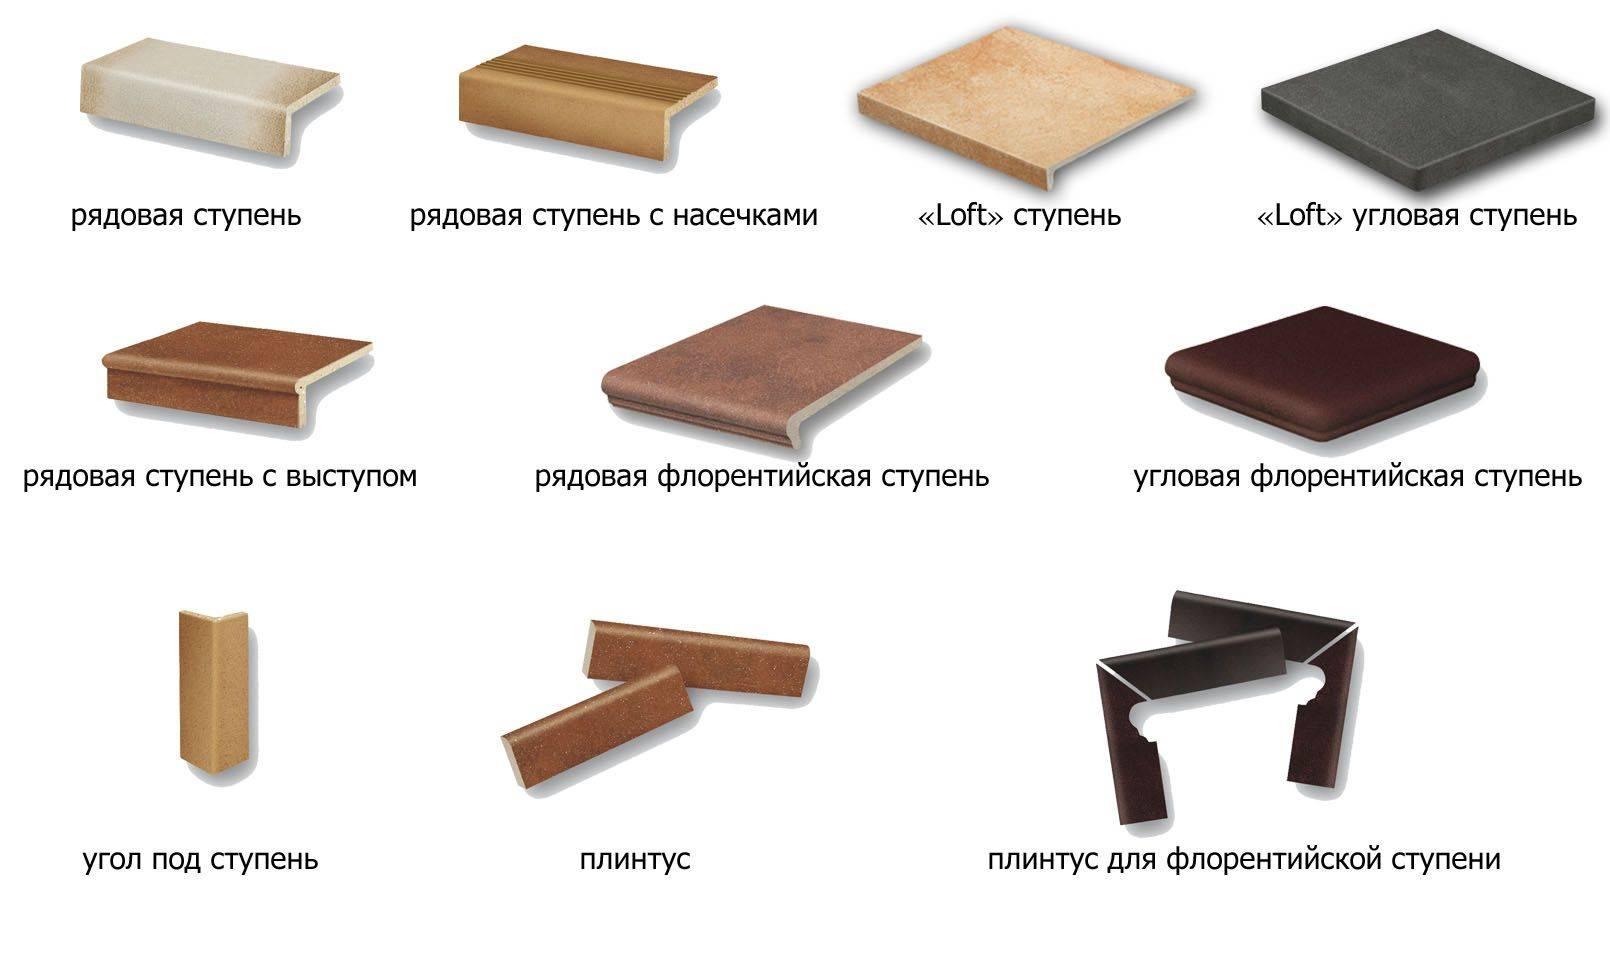 Плитка для печи: разновидности, методы облицовки